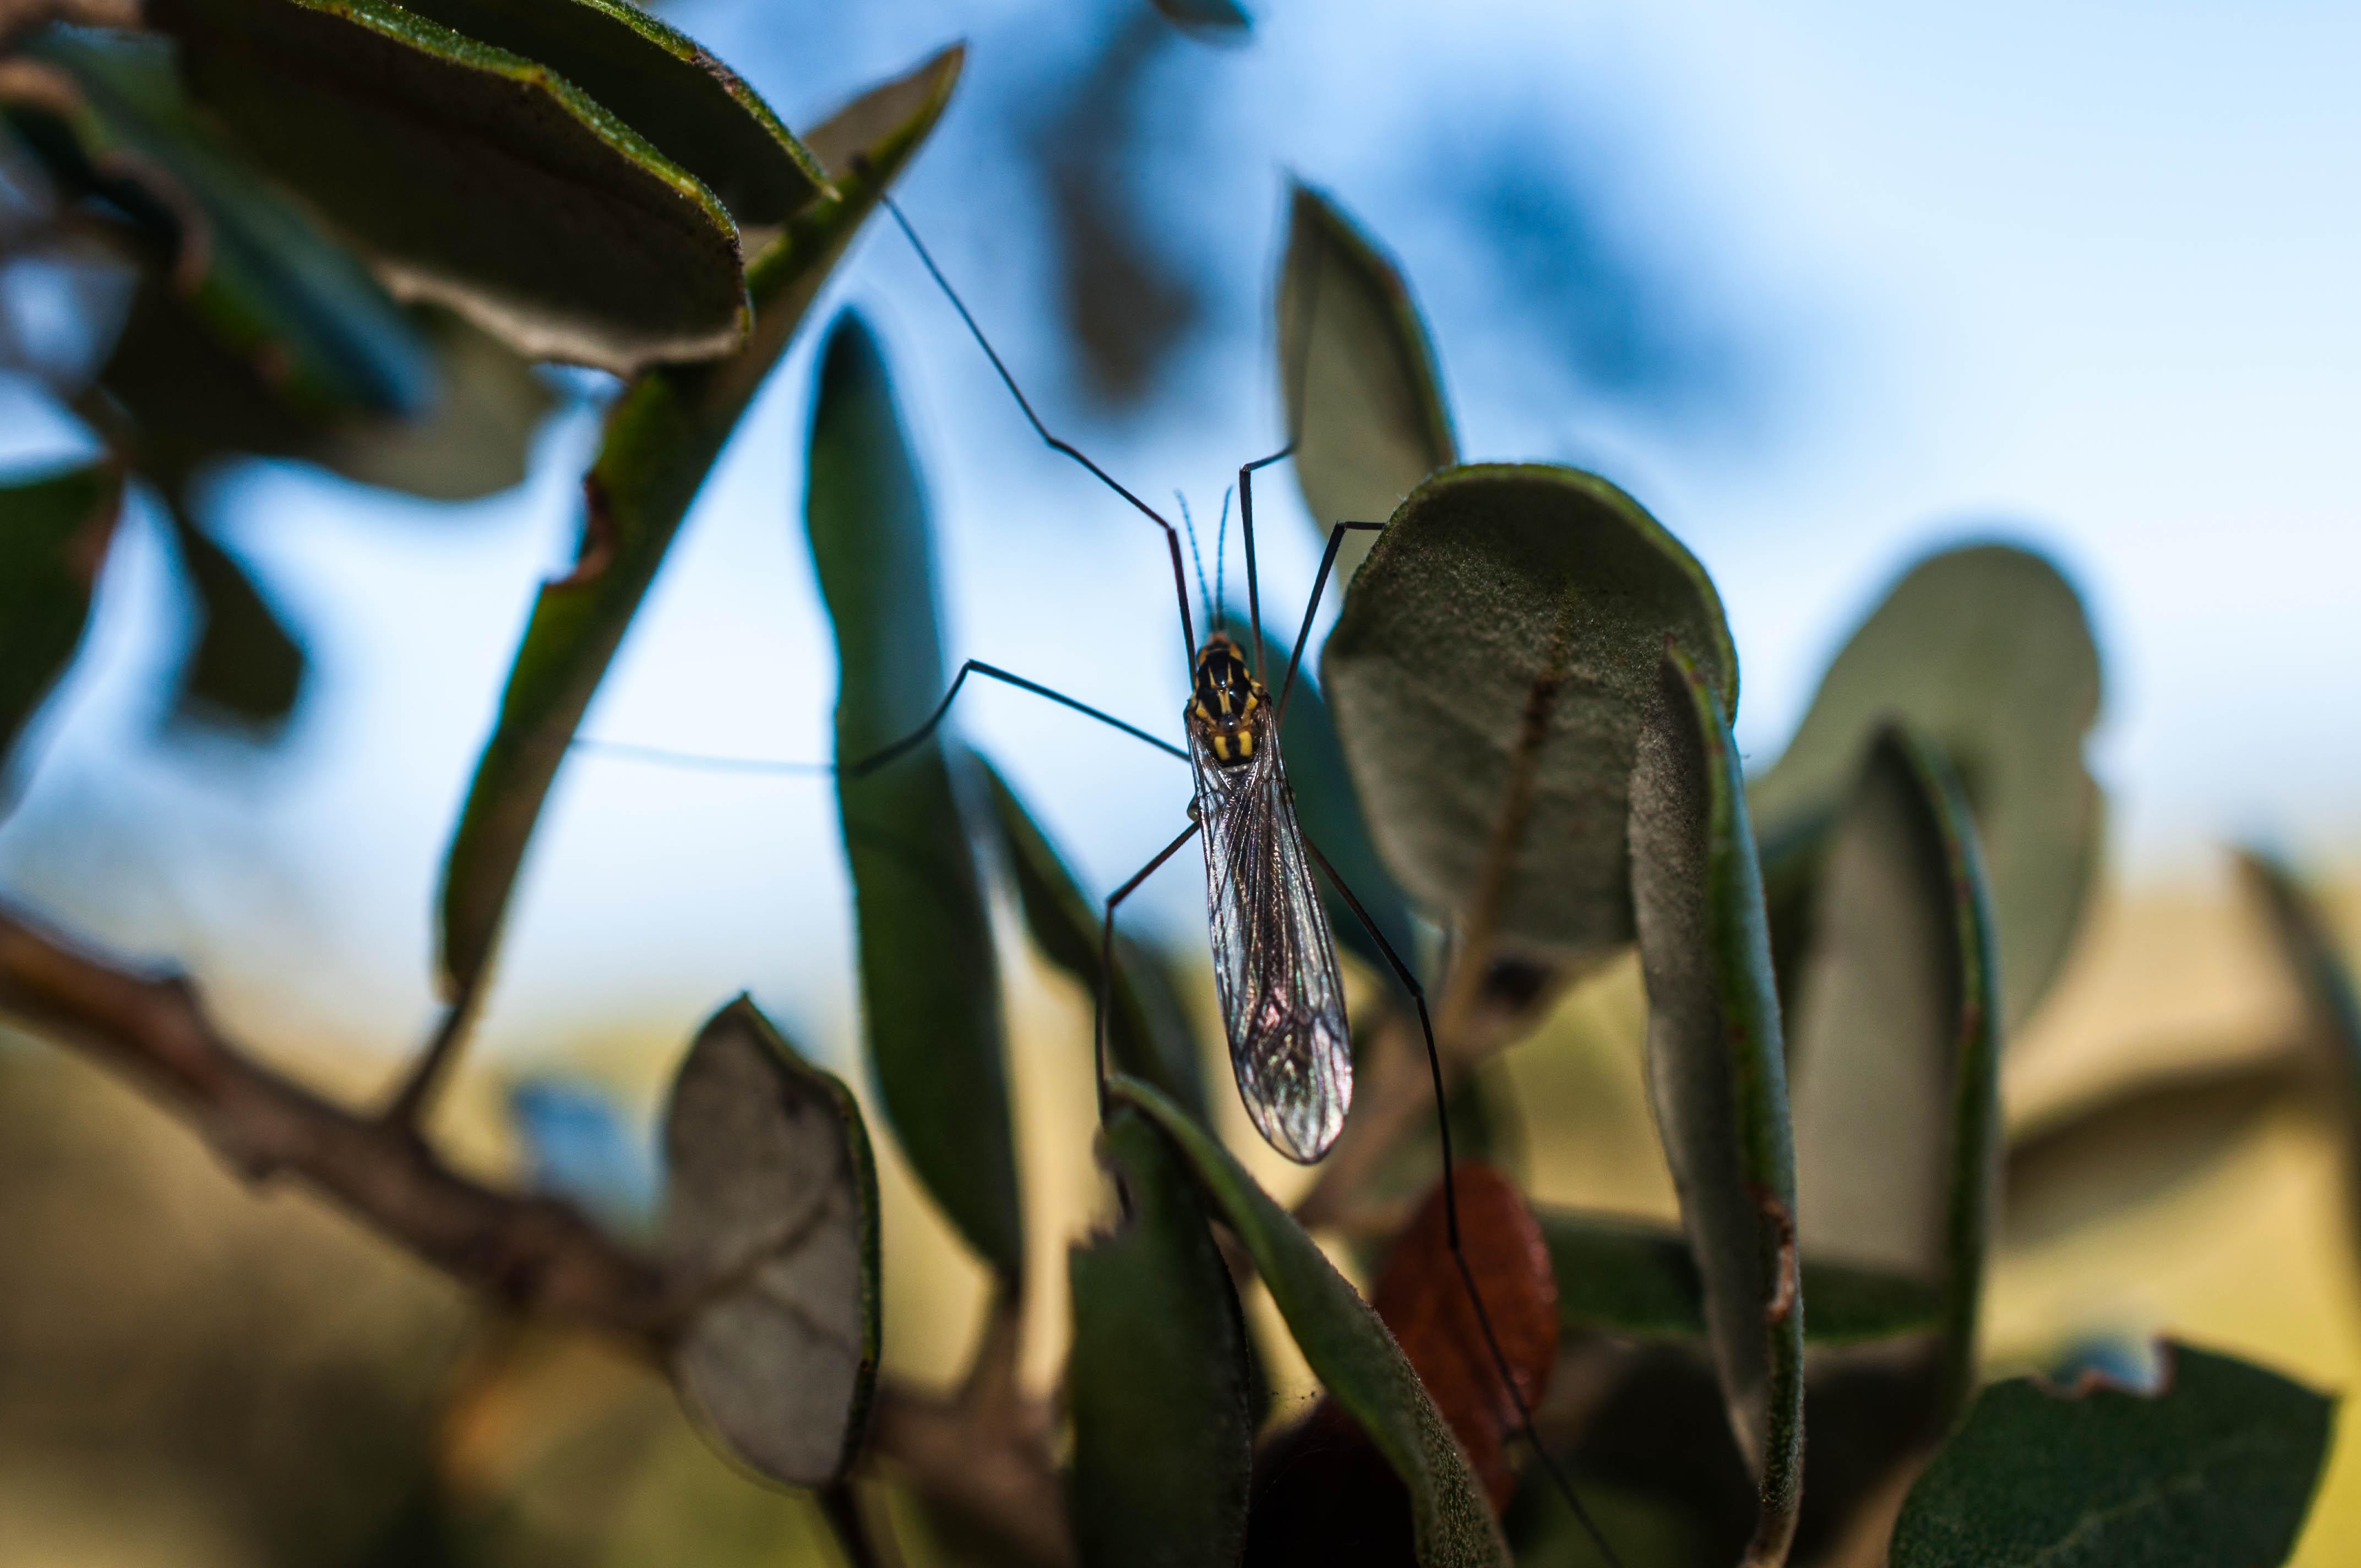 Biodiversidad Las Obreras de Aliste CB Artesanos de la Miel Aliste Gallegos del Campo Artesanos de la Miel